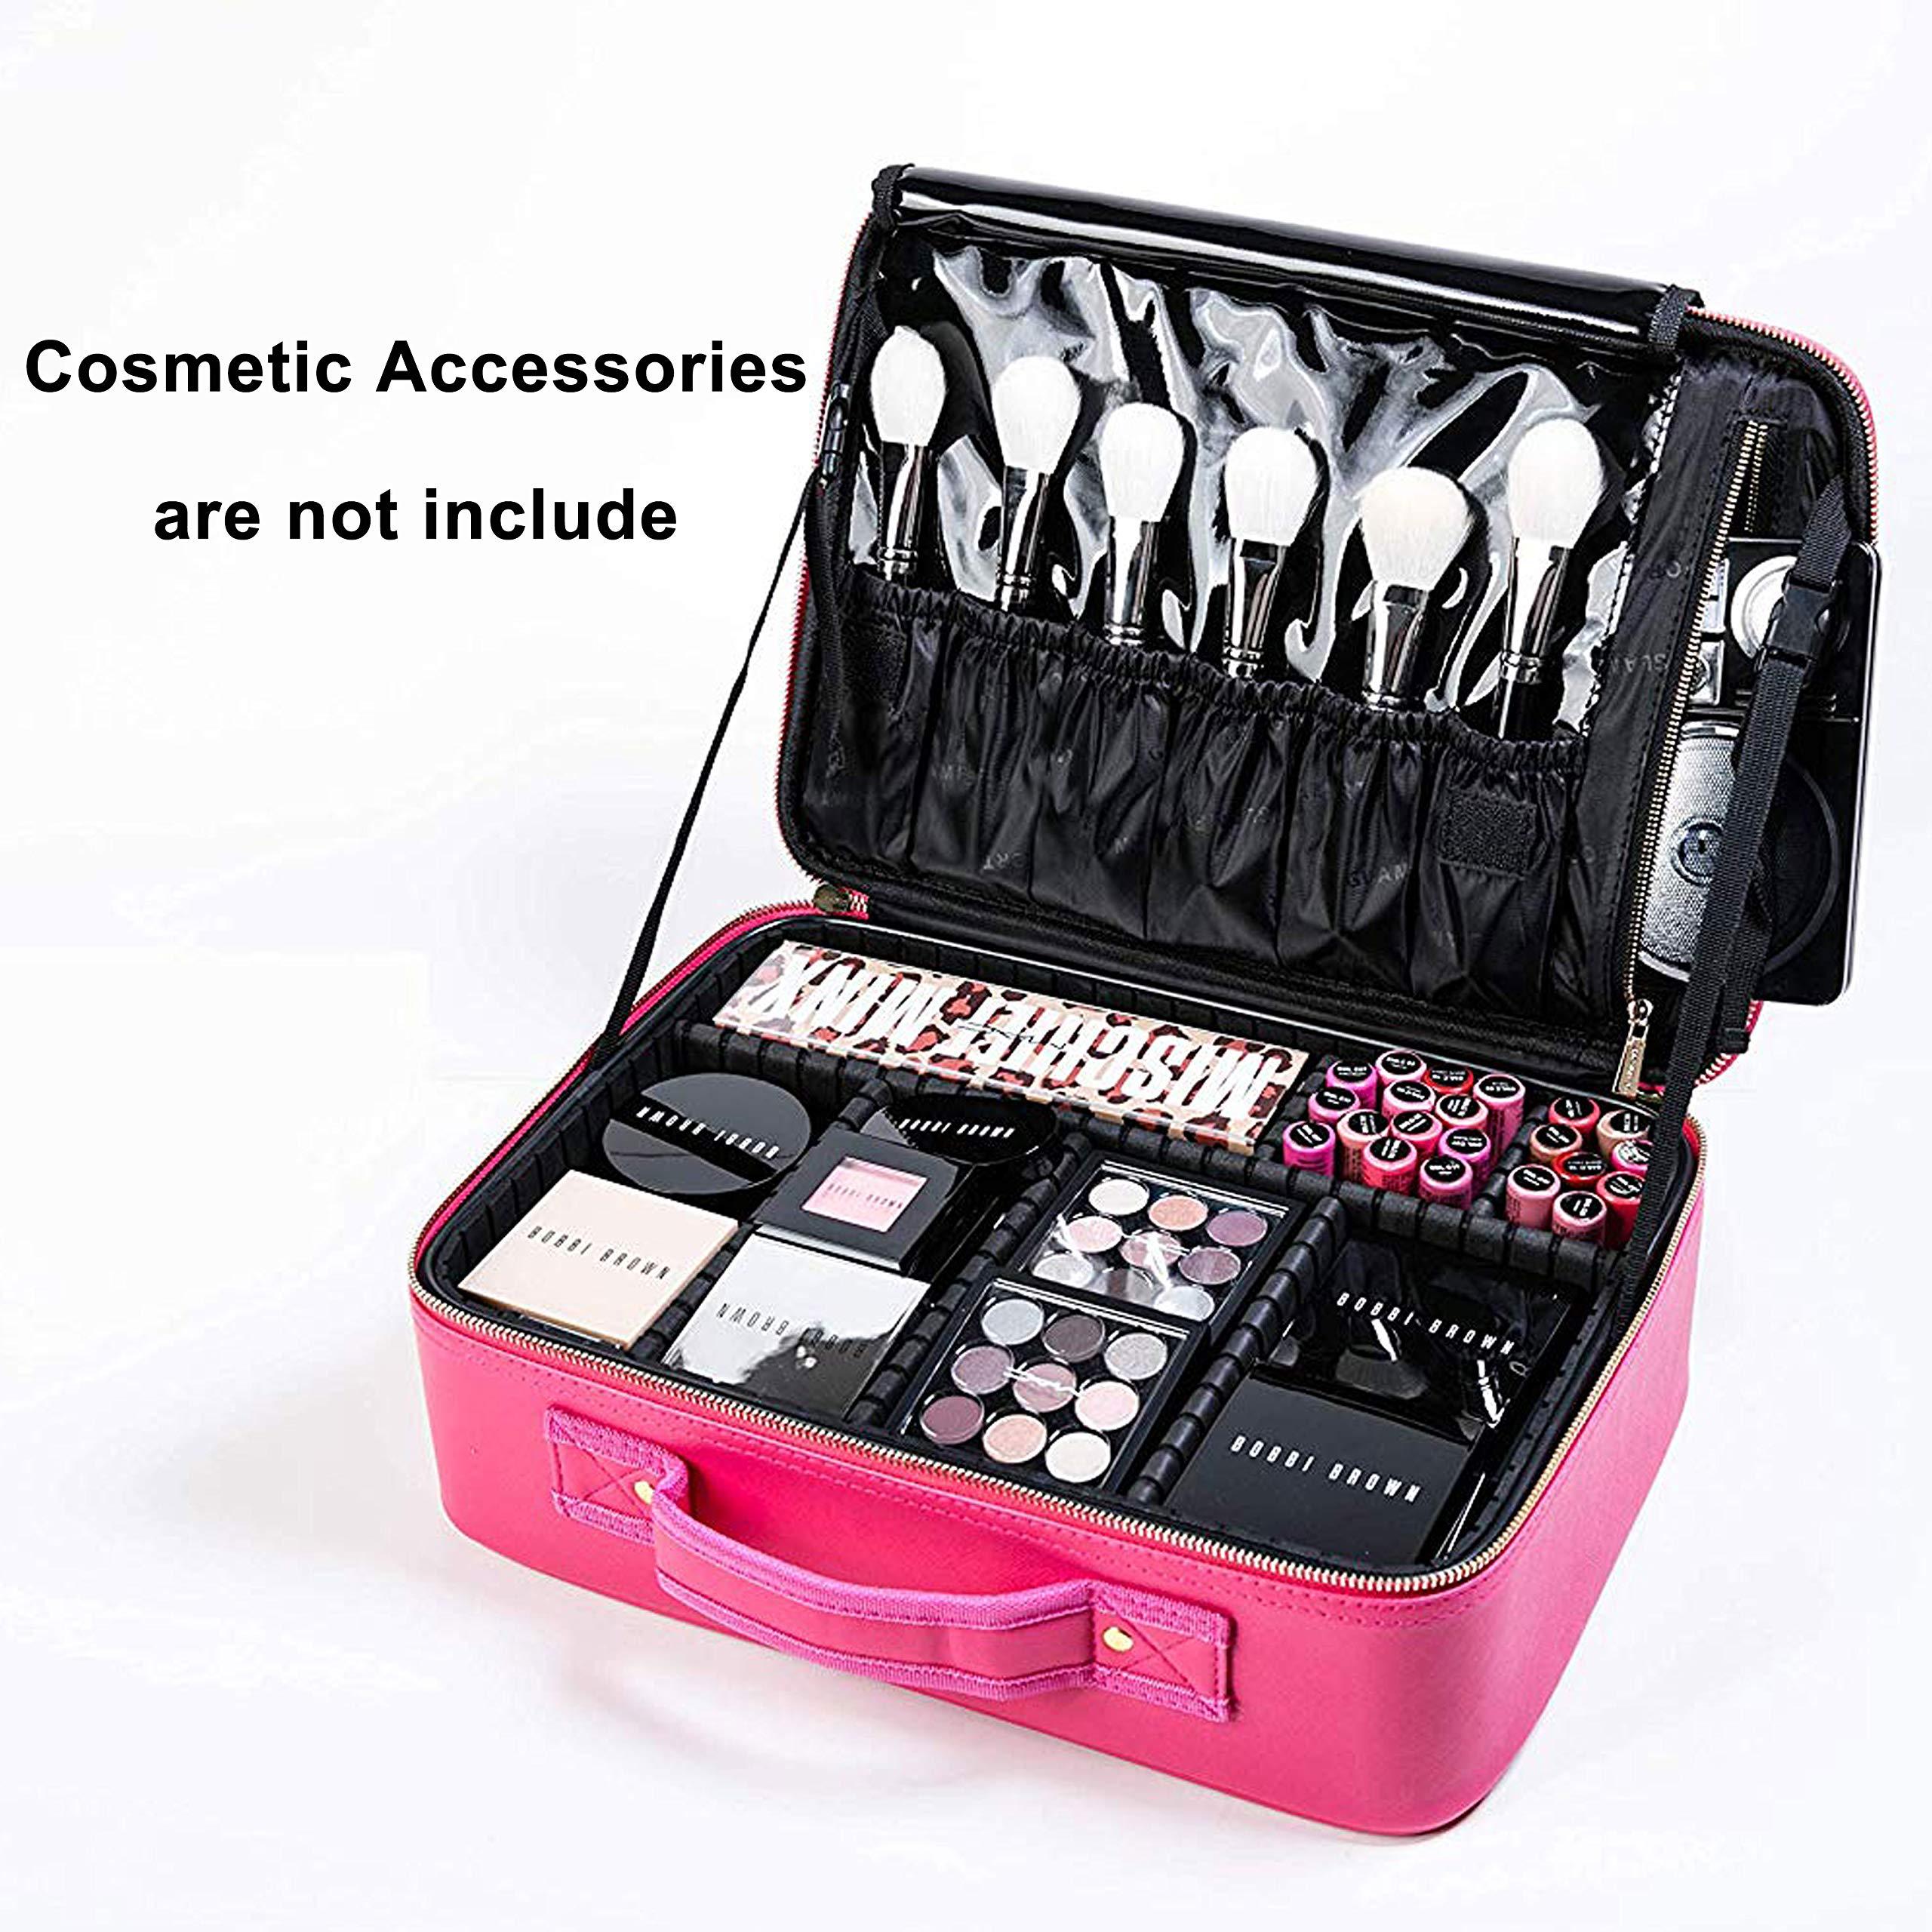 cbfe1dbb21cb ROWNYEON Makeup Case Travel Makeup Bag Makeup Organizers Bag Makeup Train  Case Professional Portable Cosmetic Bag